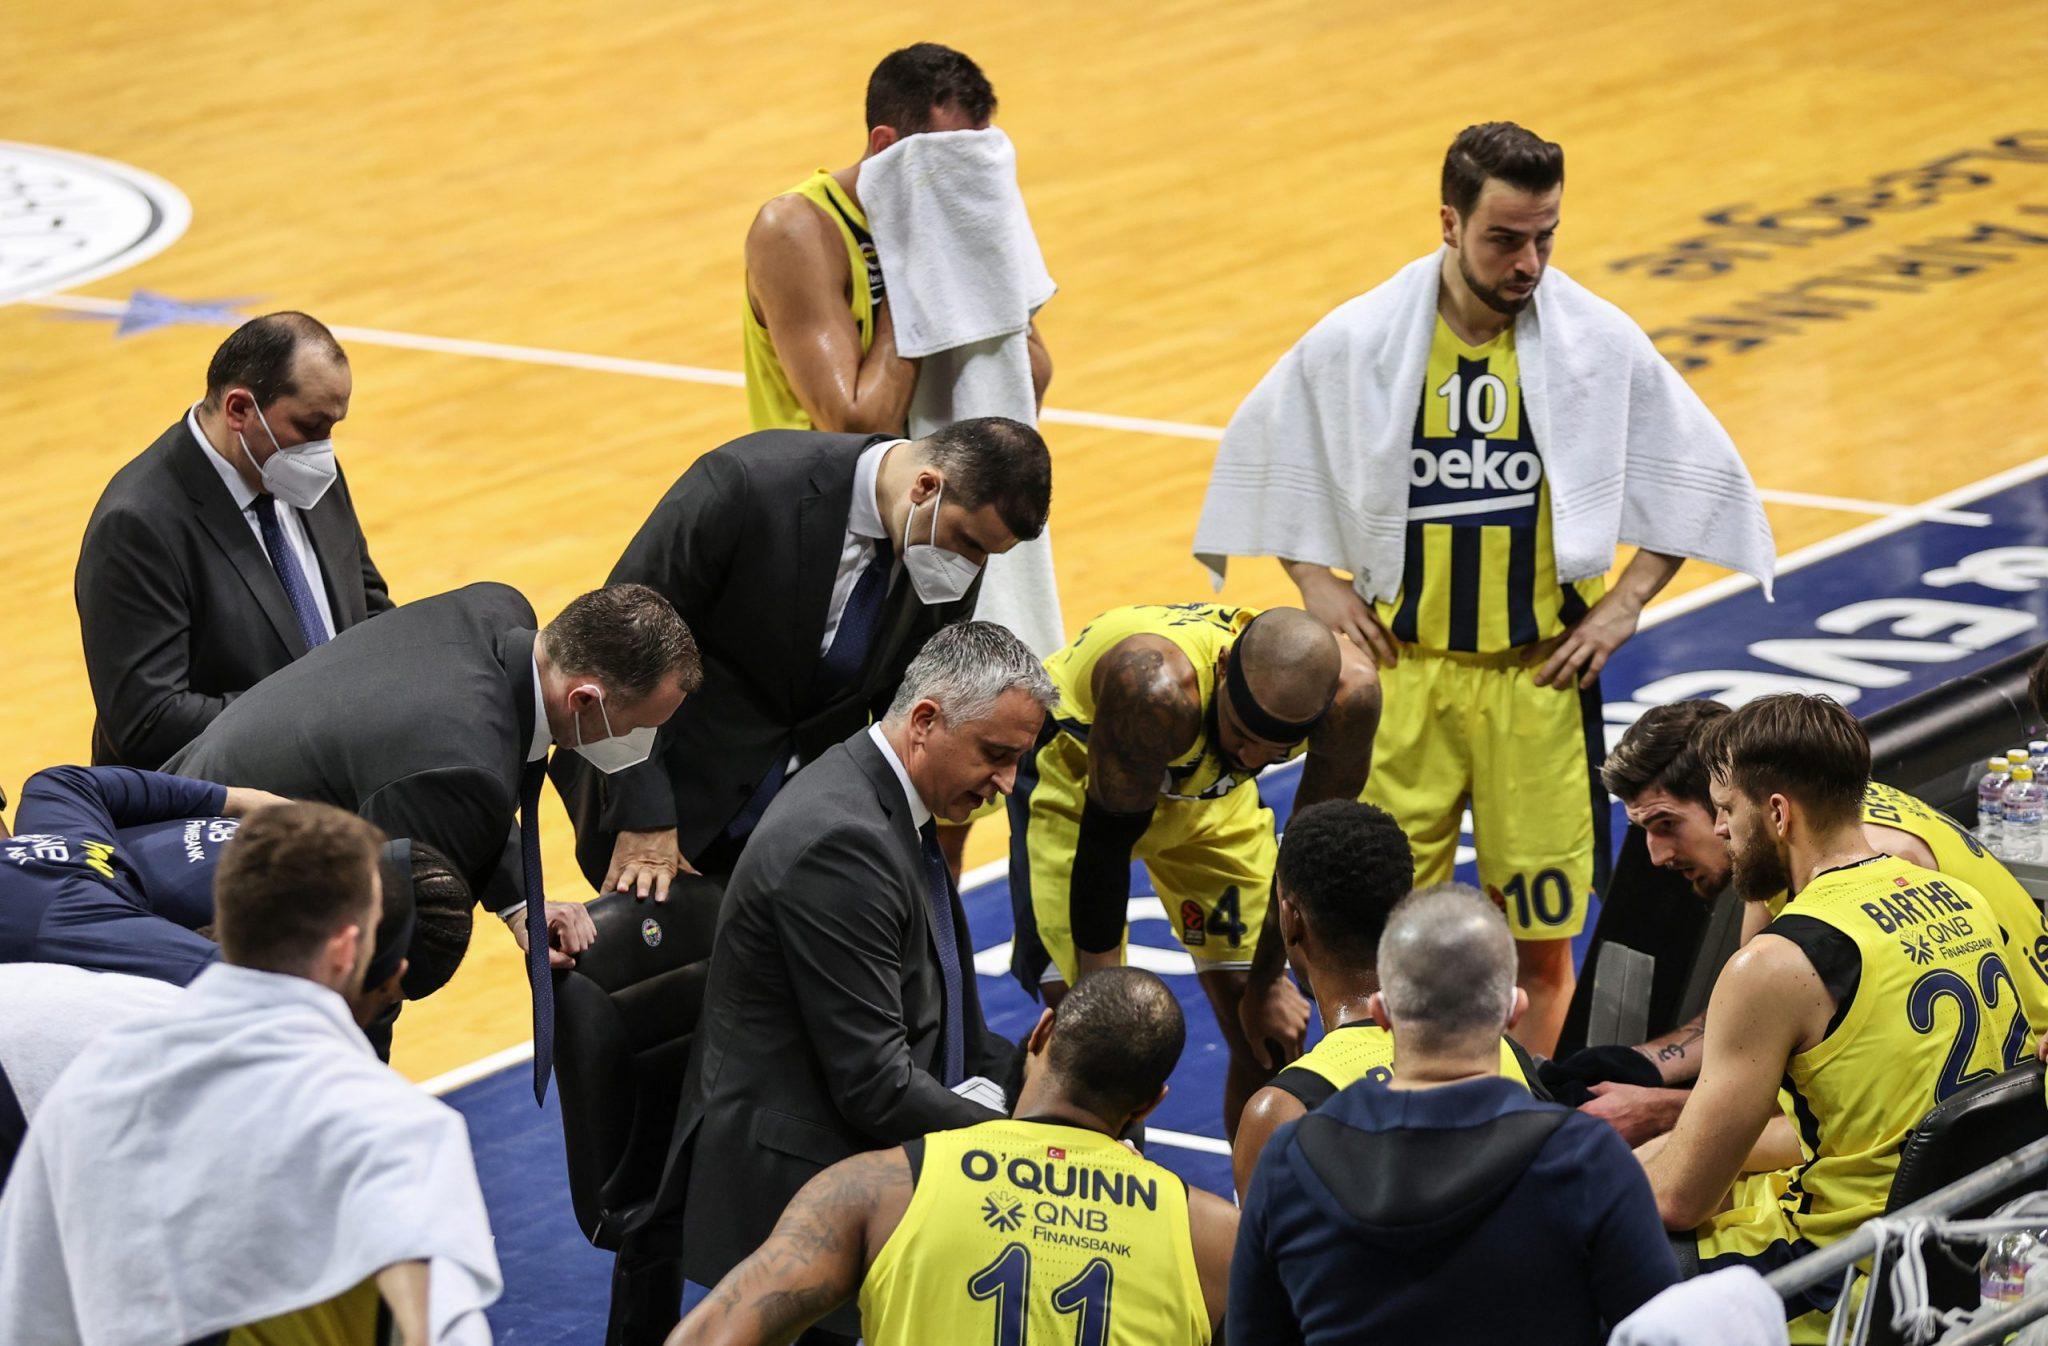 7 positivos en el Fenerbahçe complican su eliminatoria de Euroliga contra el CSKA. ¿Qué dicen las normas?